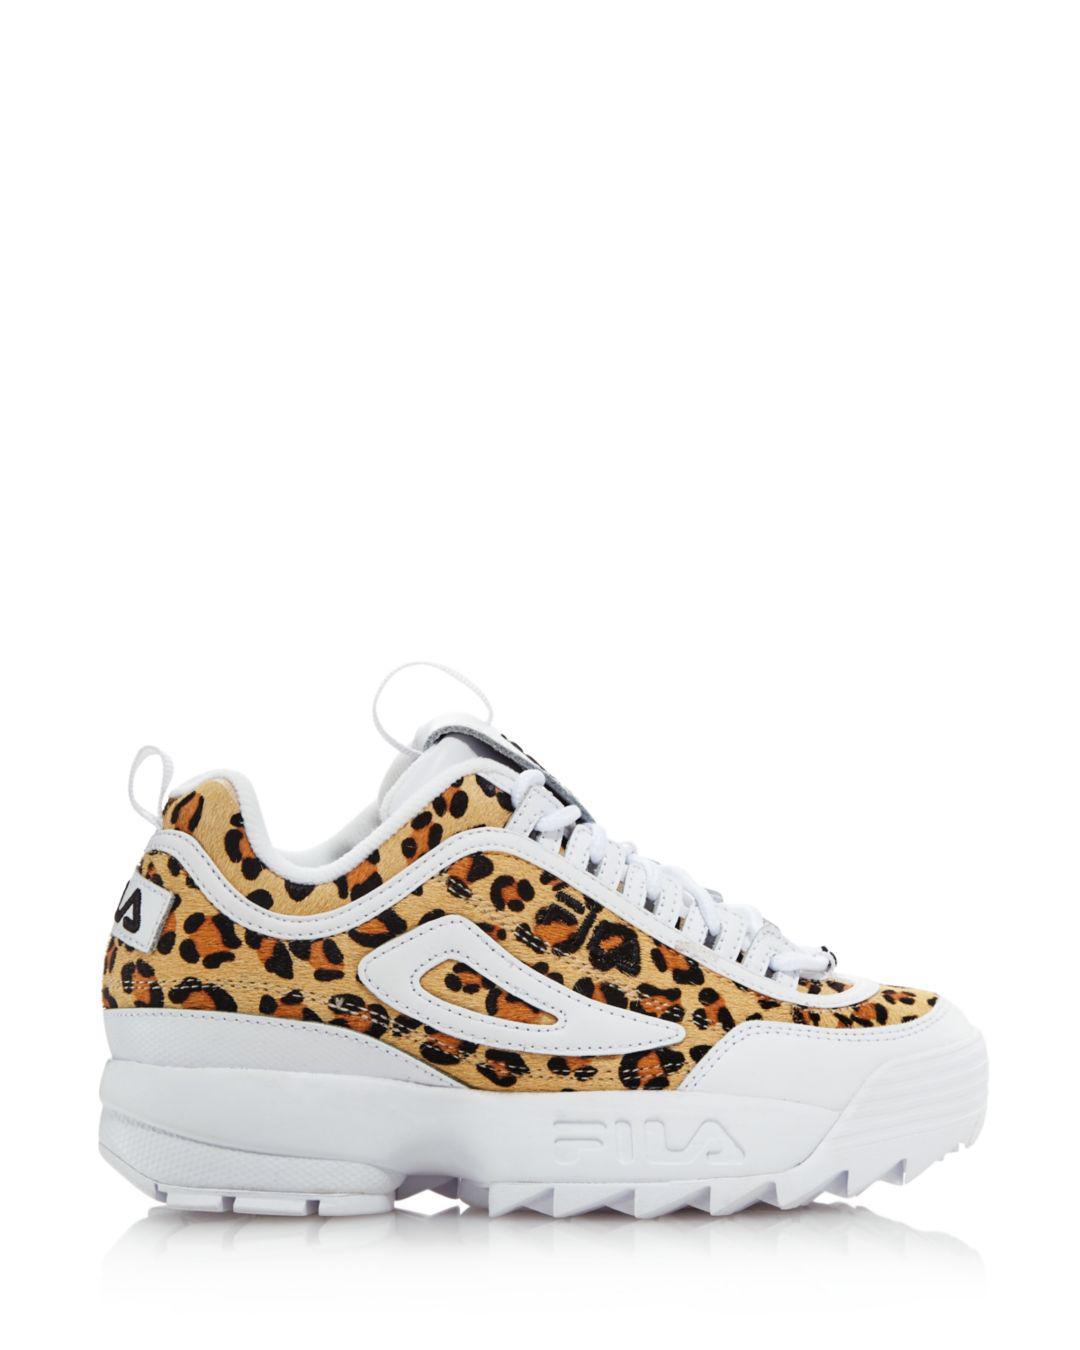 najlepszy zasznurować świetne ceny Women's Disruptor 2 Leopard Sneakers